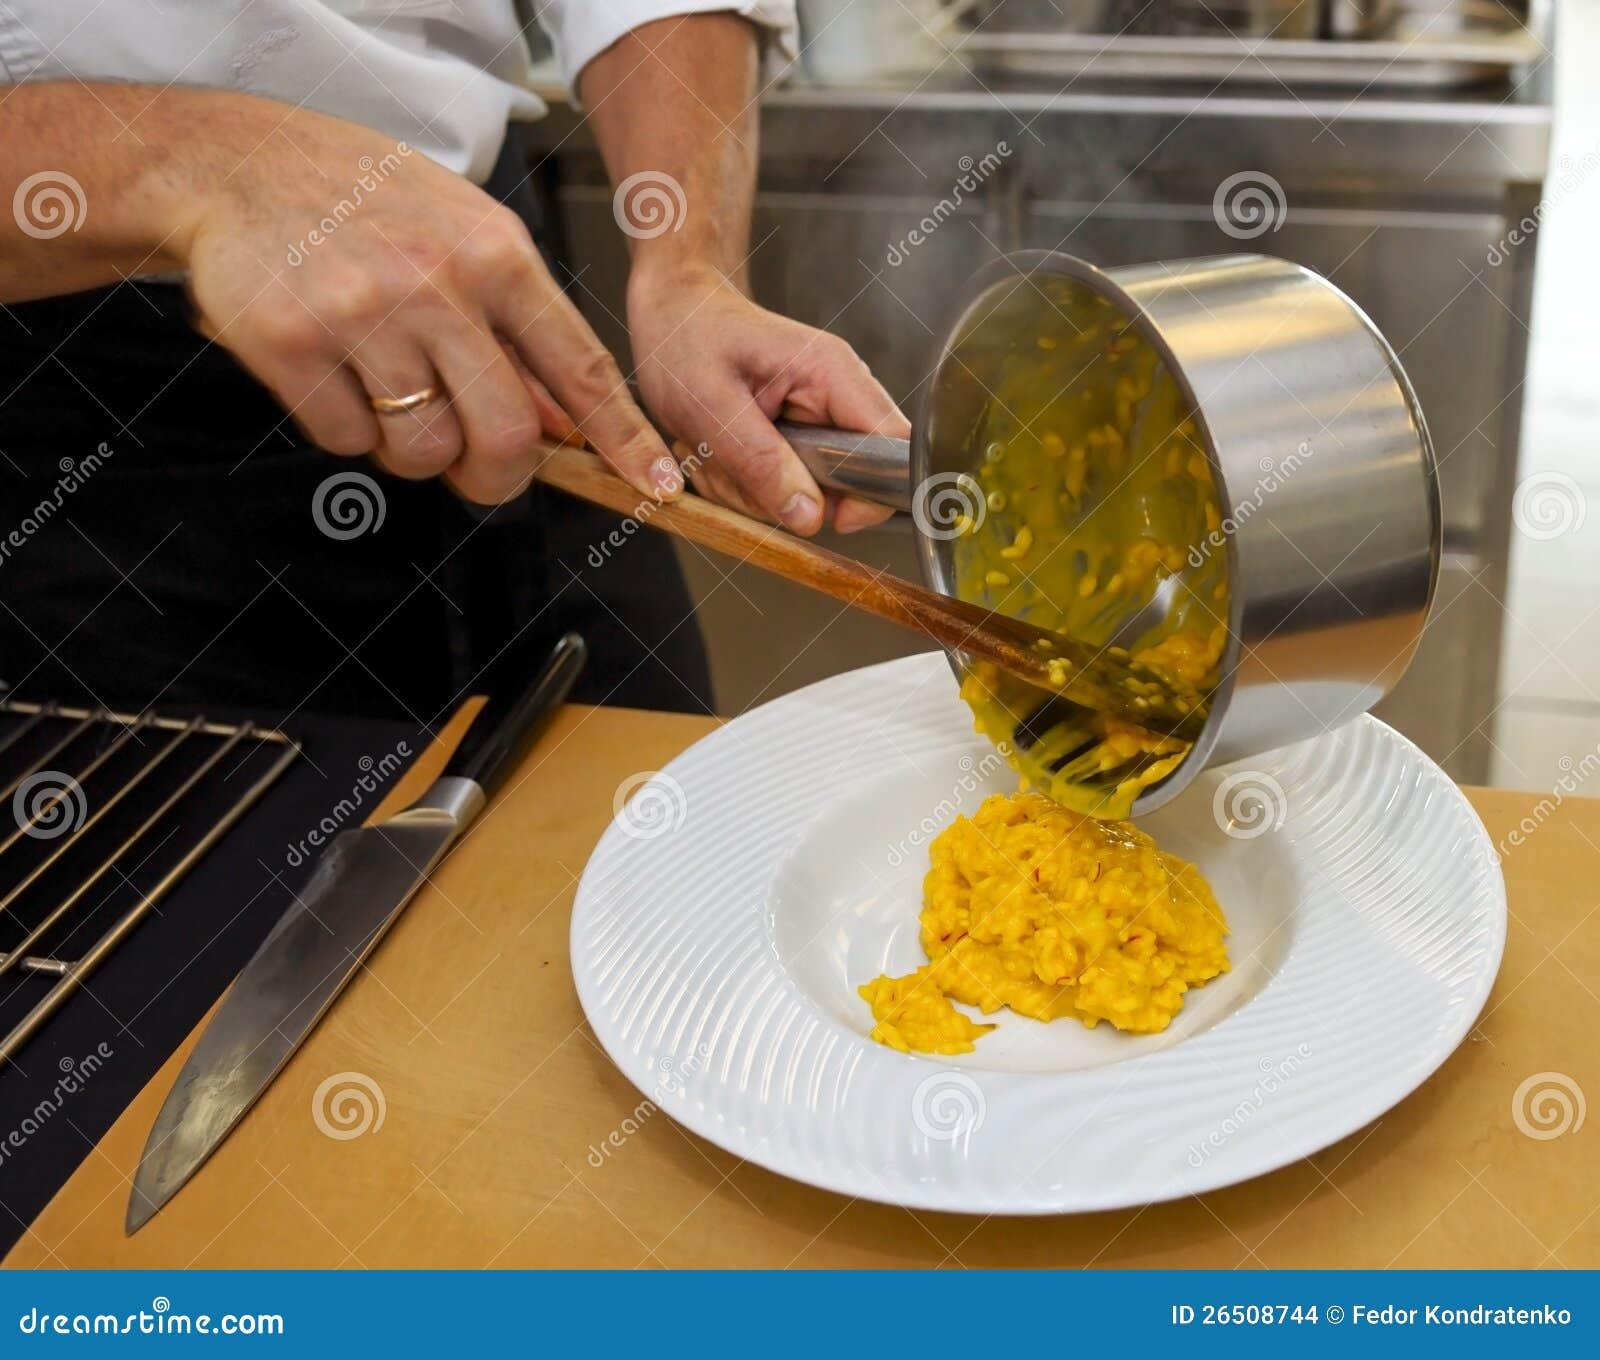 O cozinheiro chefe está derramando o risotto na placa